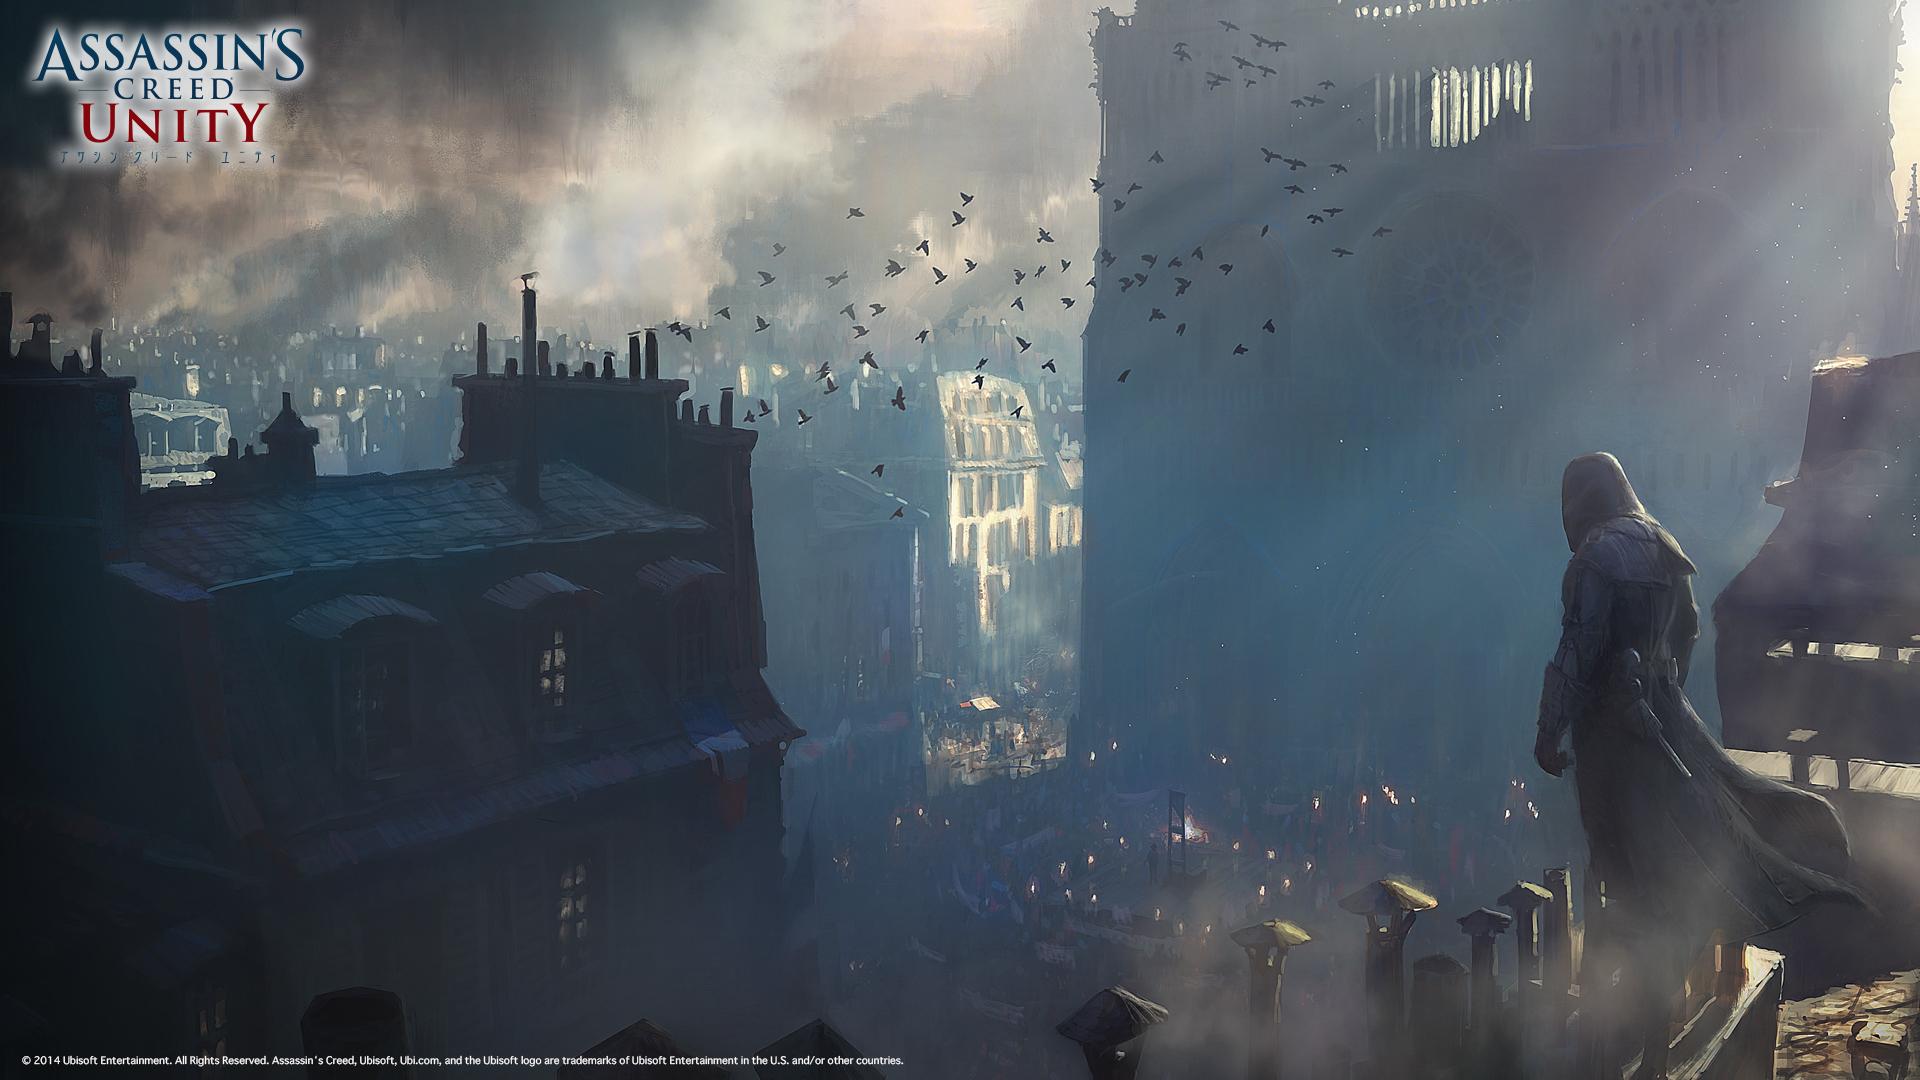 Assassin S Creed Unity アサシン クリード ユニティ 壁紙 アイコンダウンロード Ubisoft